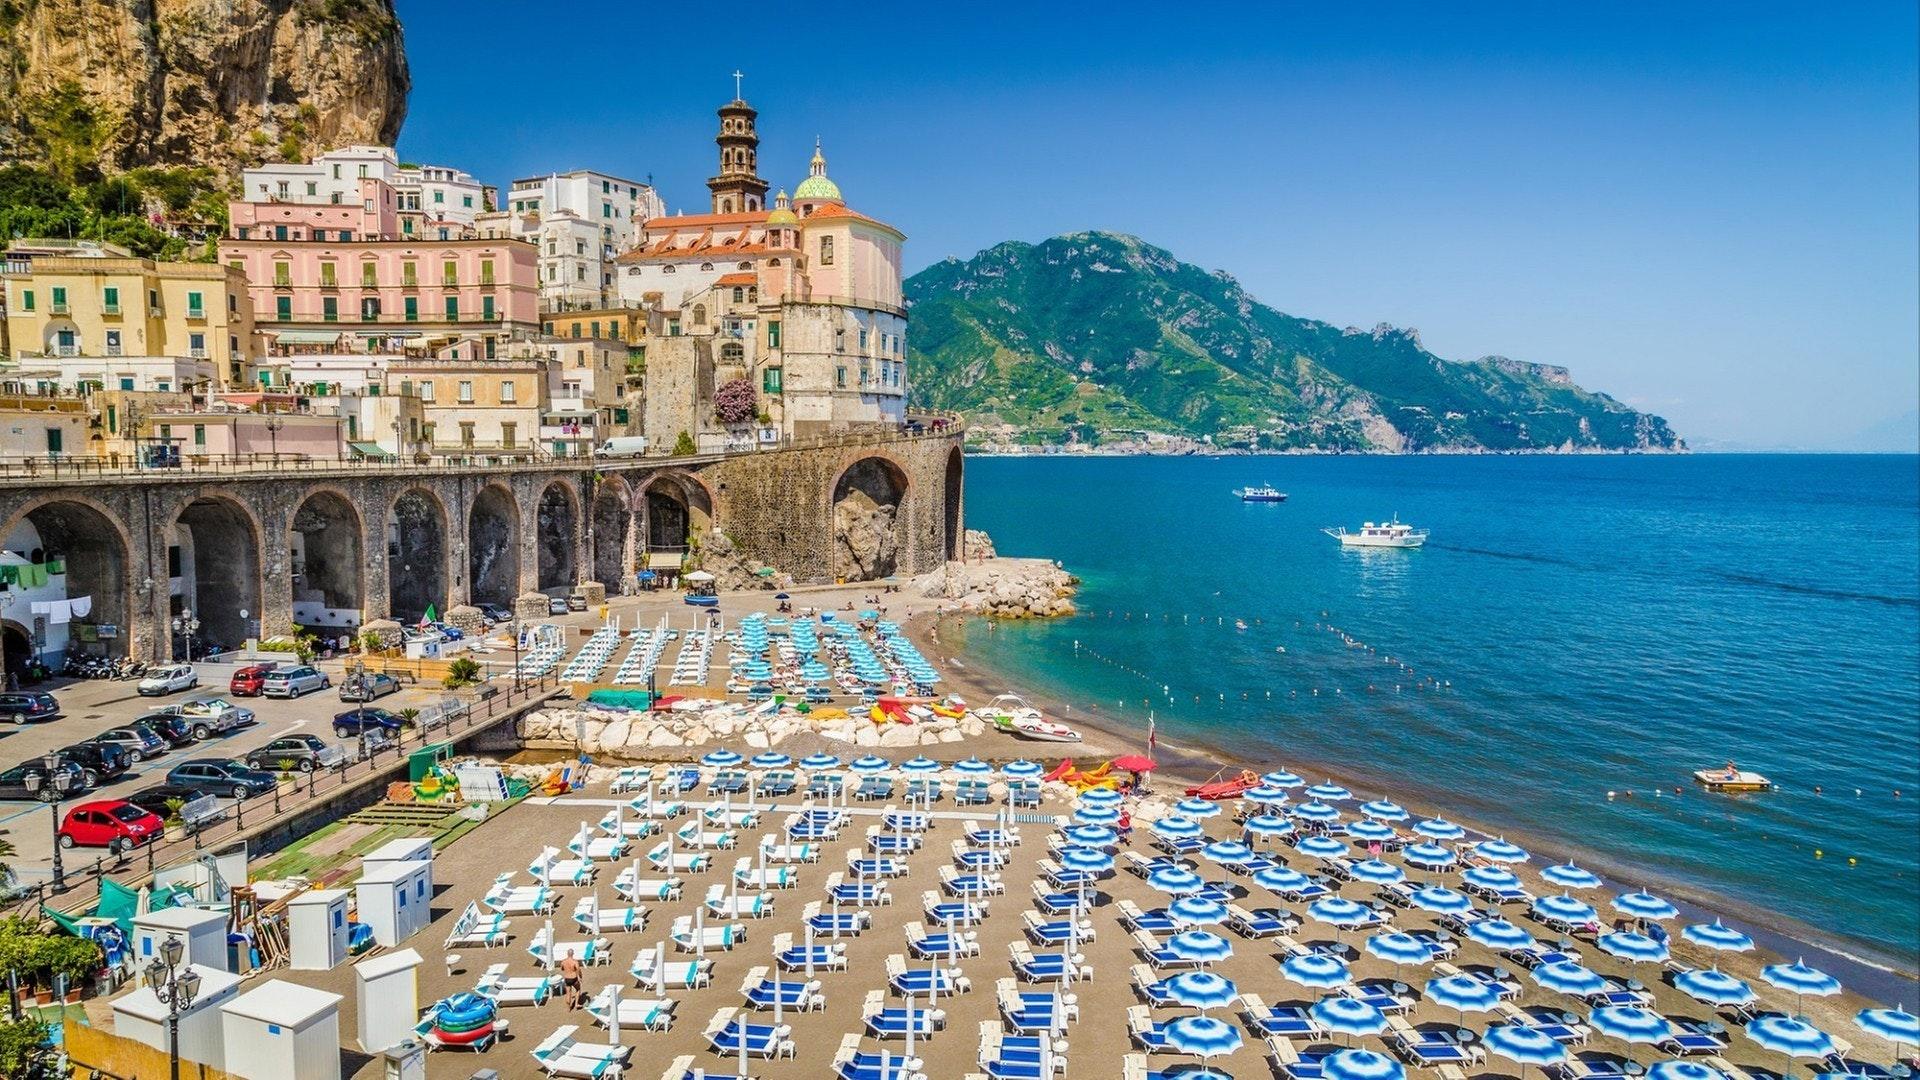 イタリアのカンパニア州サレルノ湾と有名なアマルフィ海岸にある美しい町アトラニの絵葉書ビュー